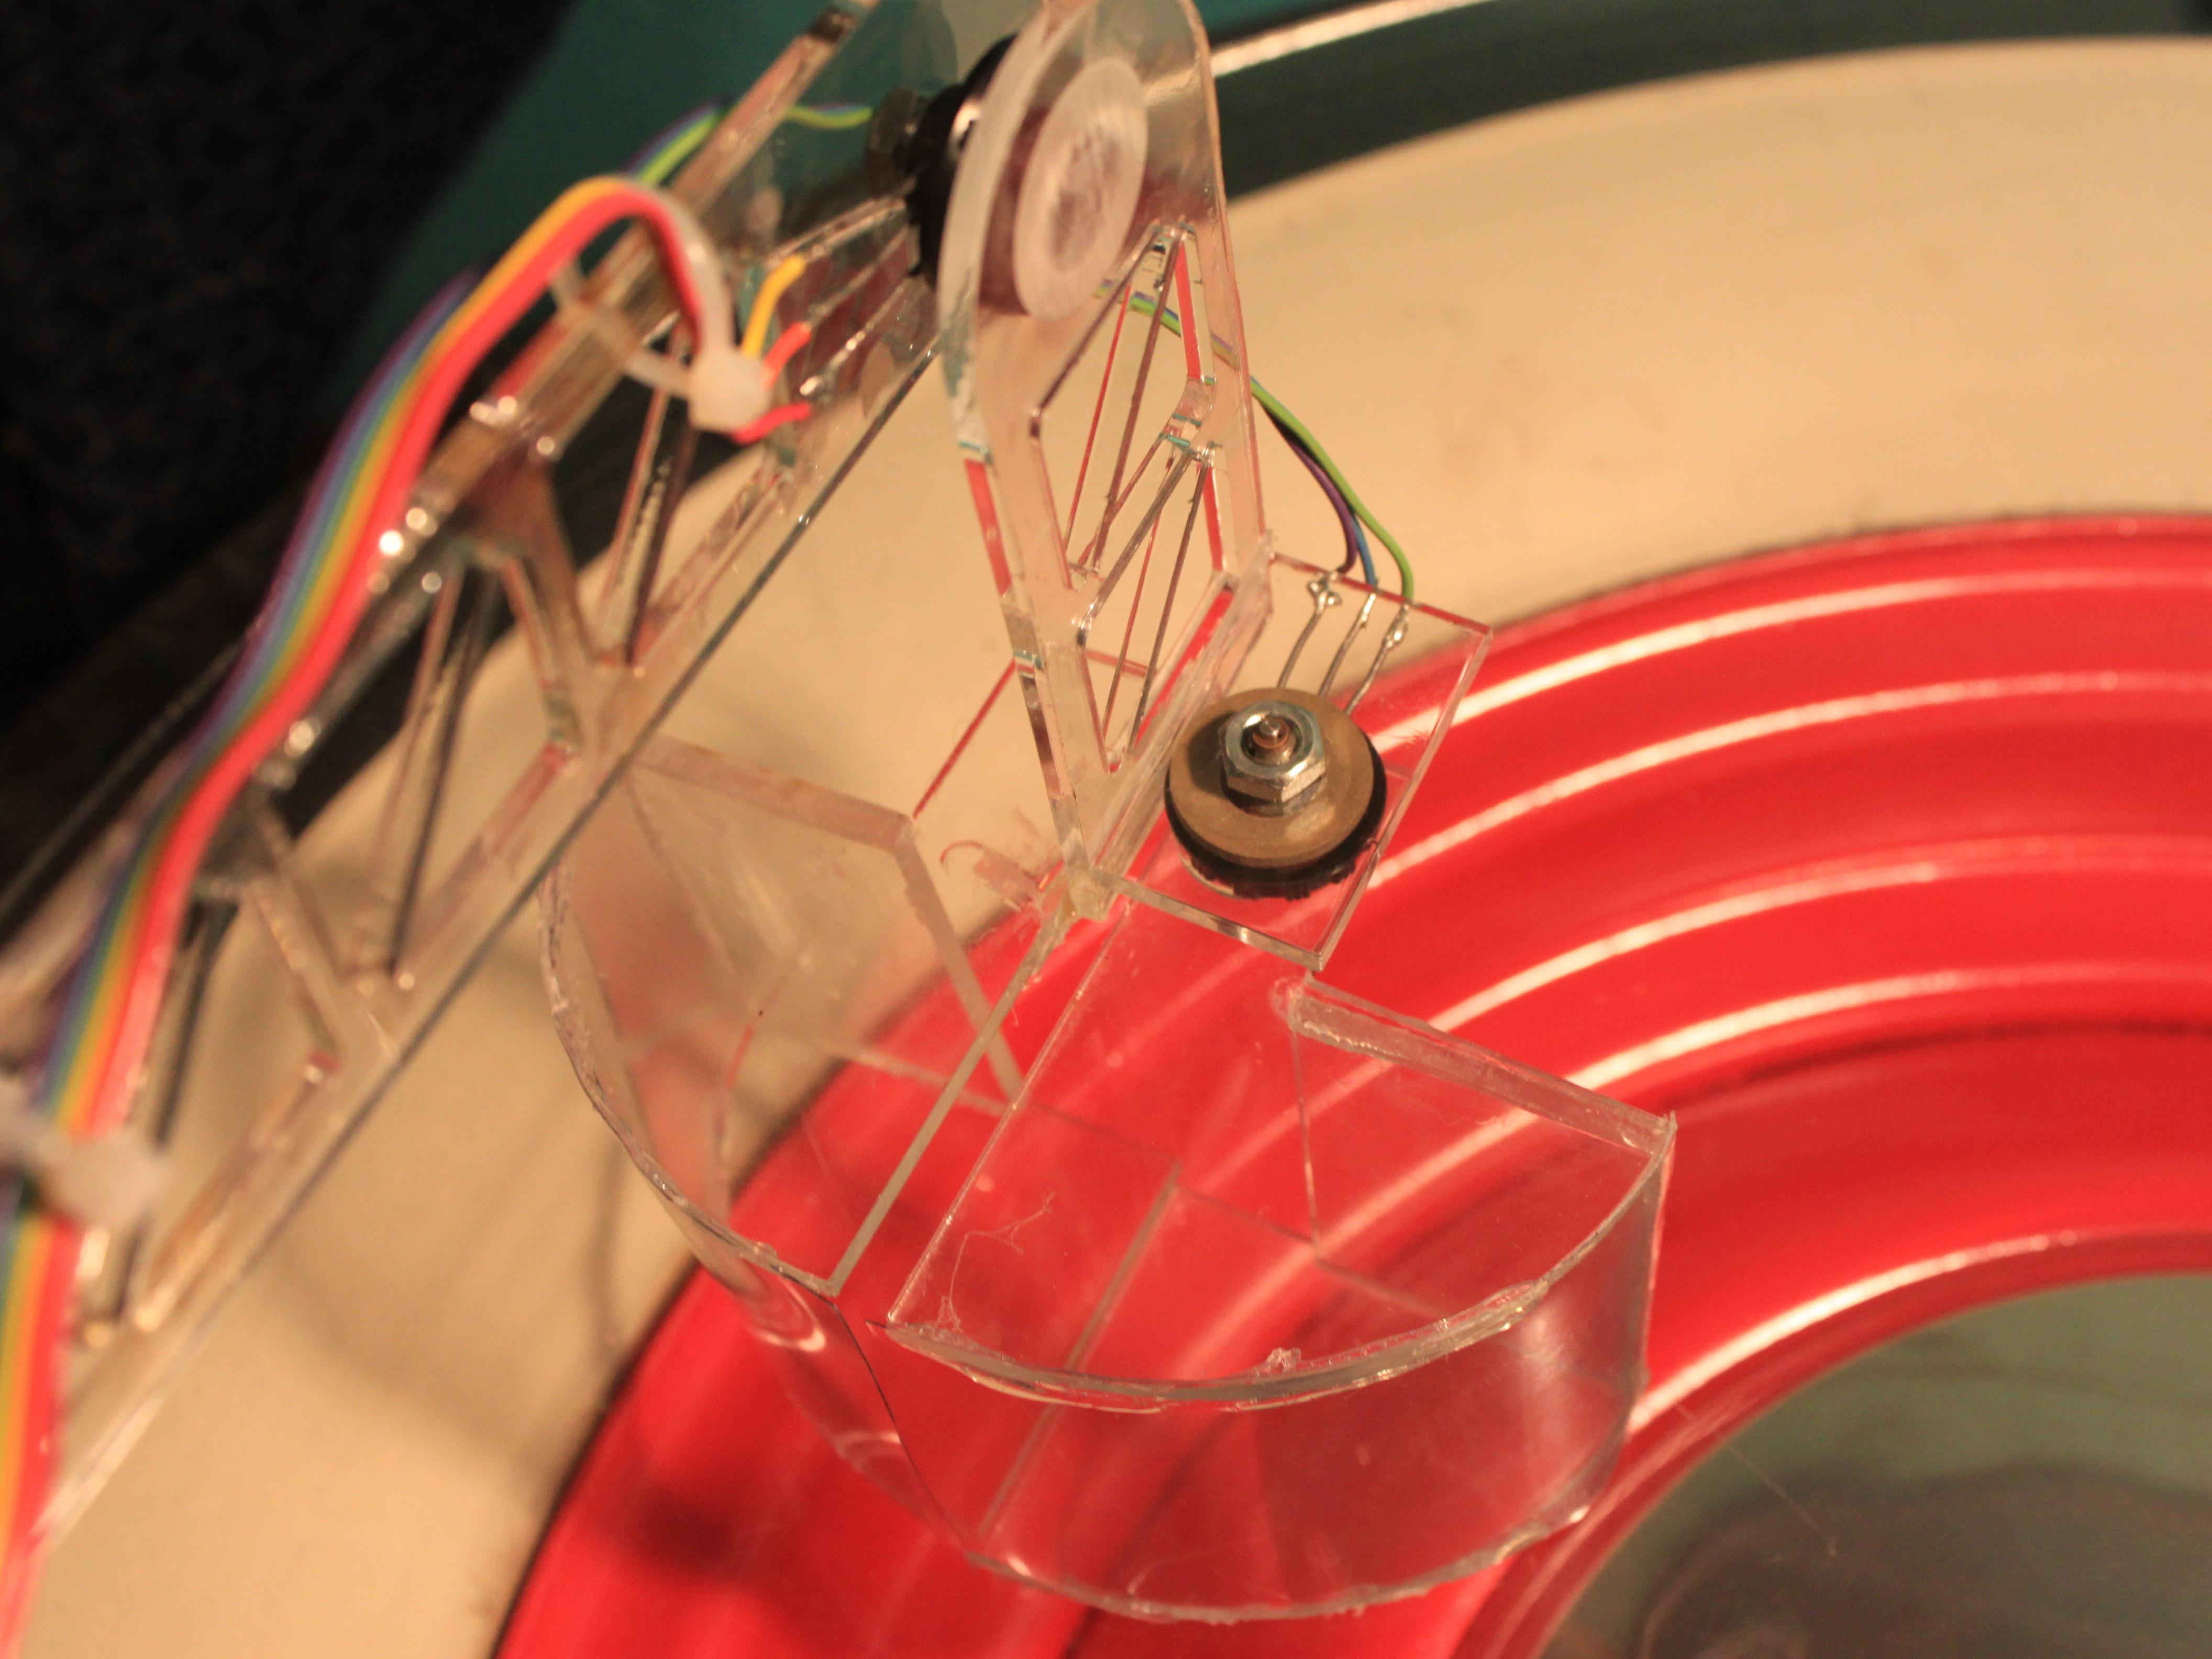 Mimicking Robotic Arm